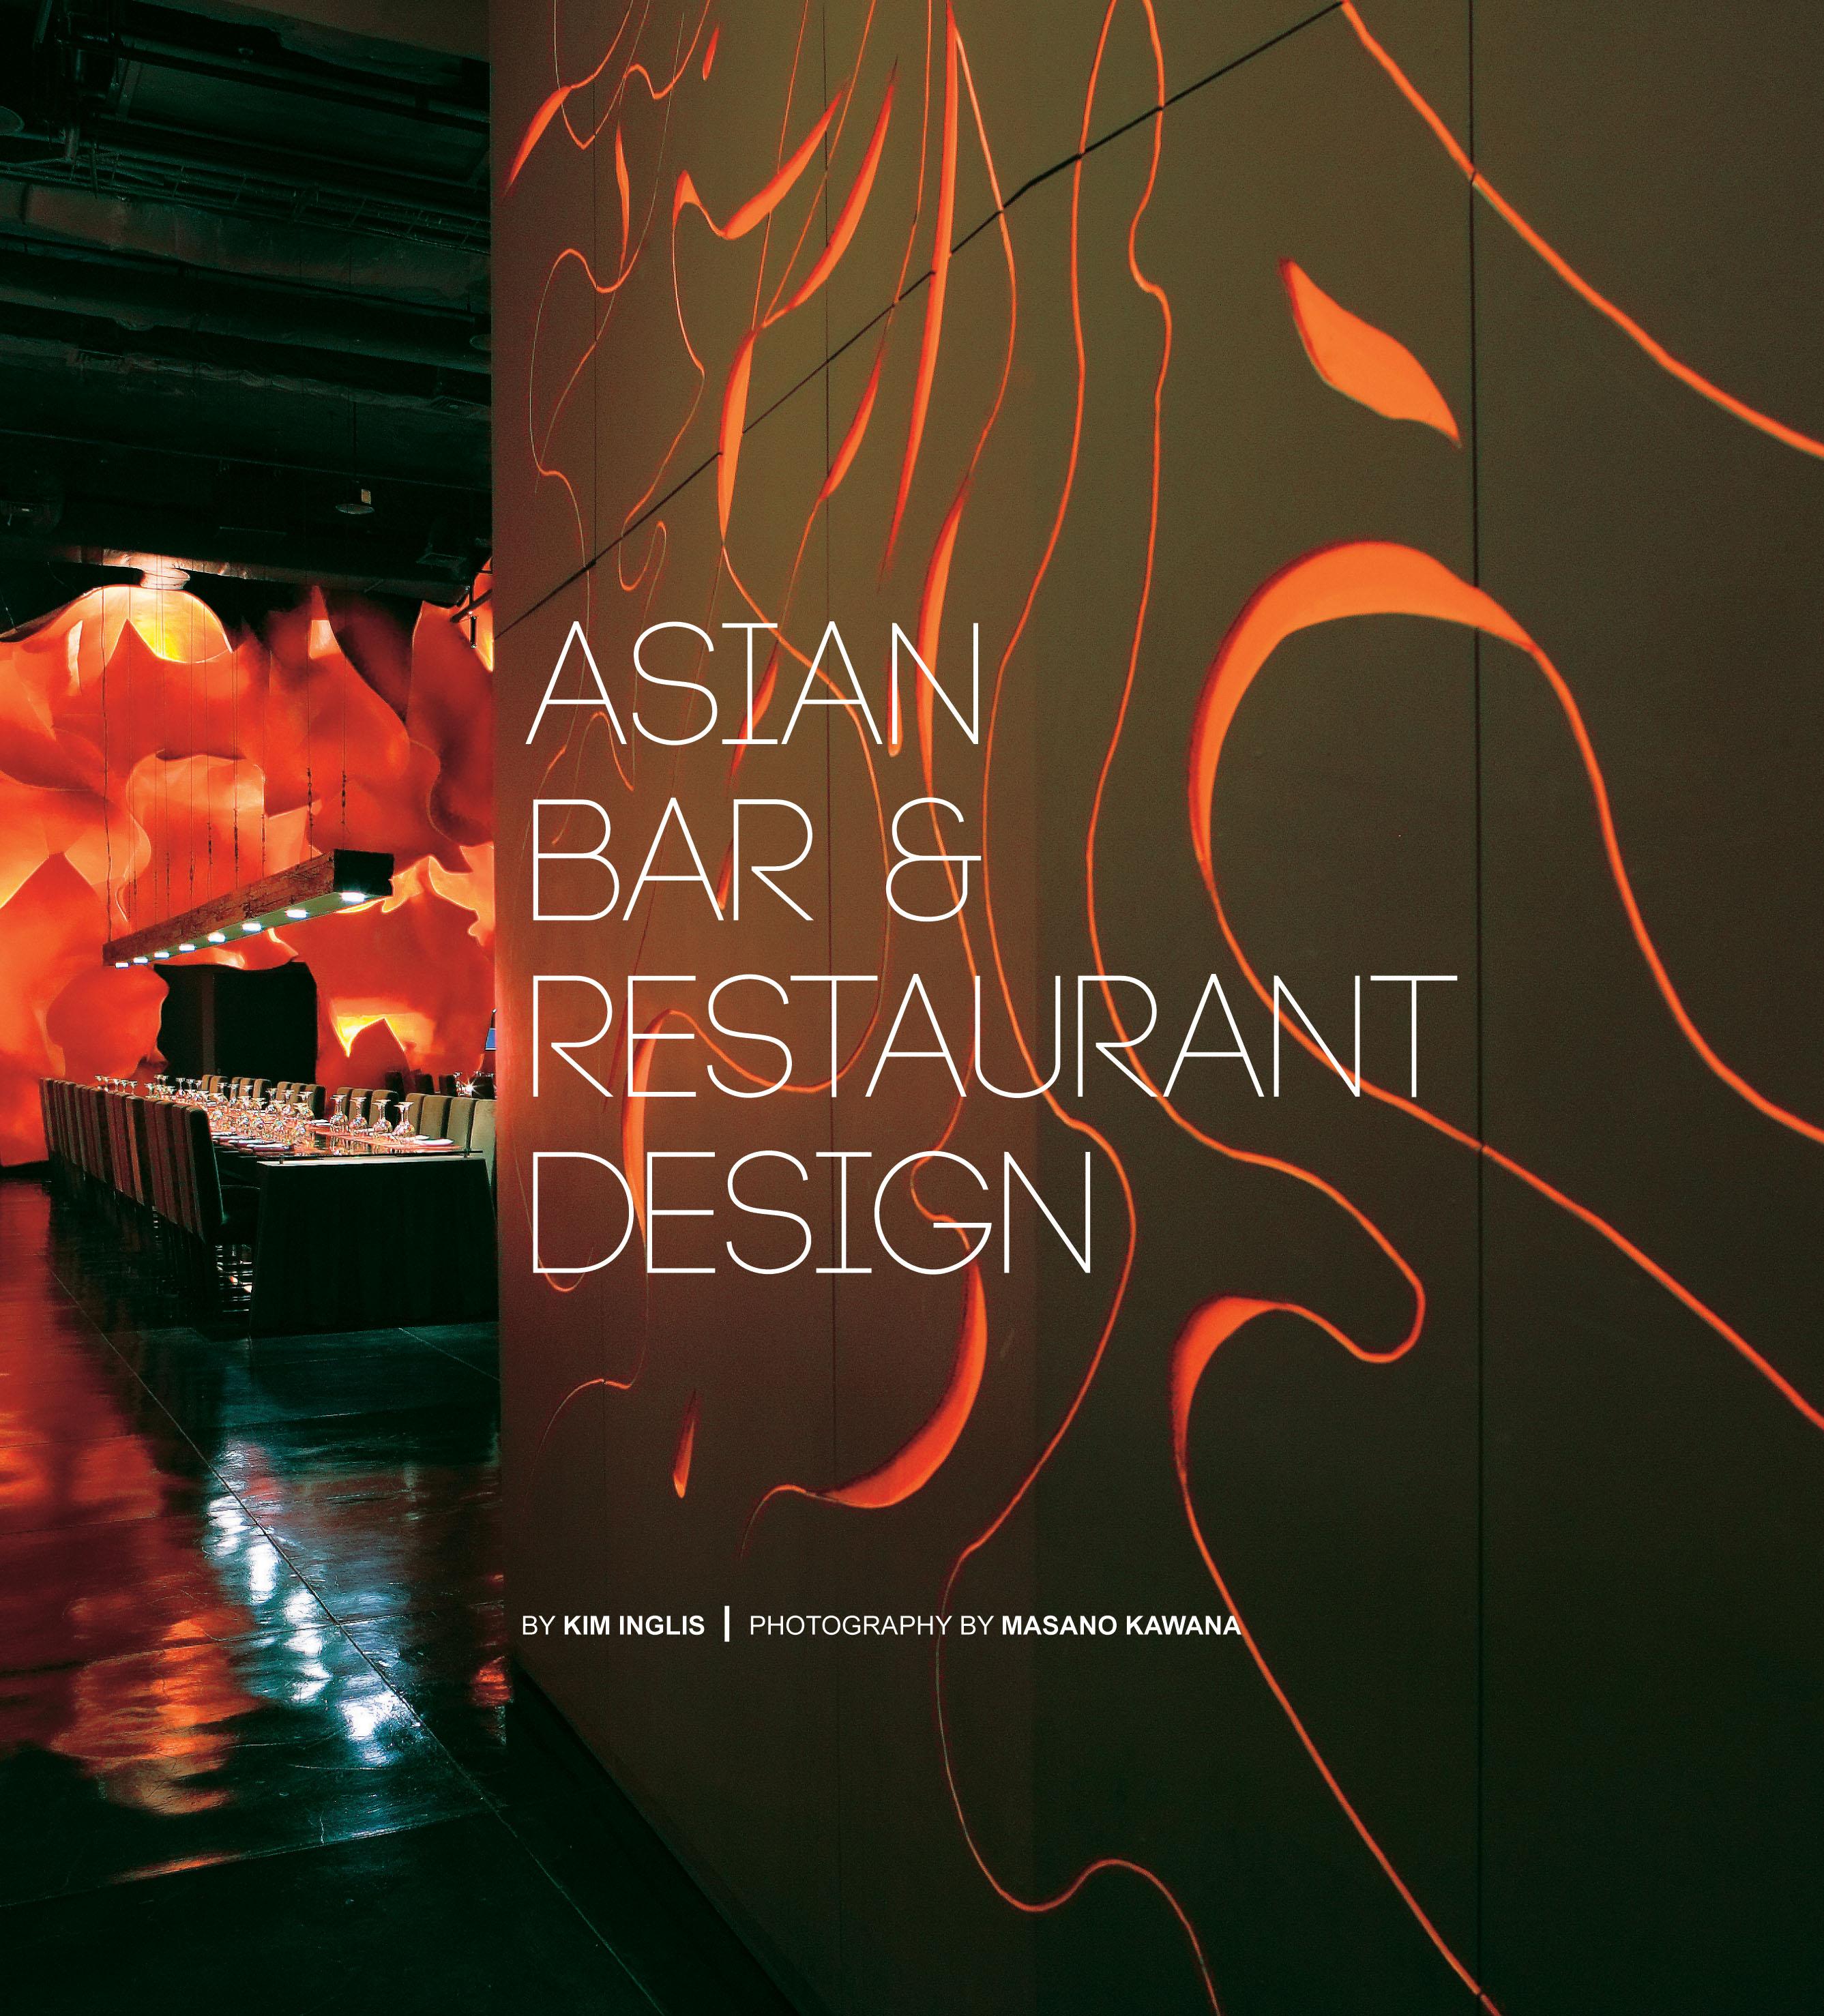 Asian bar restaurant design newsouth books